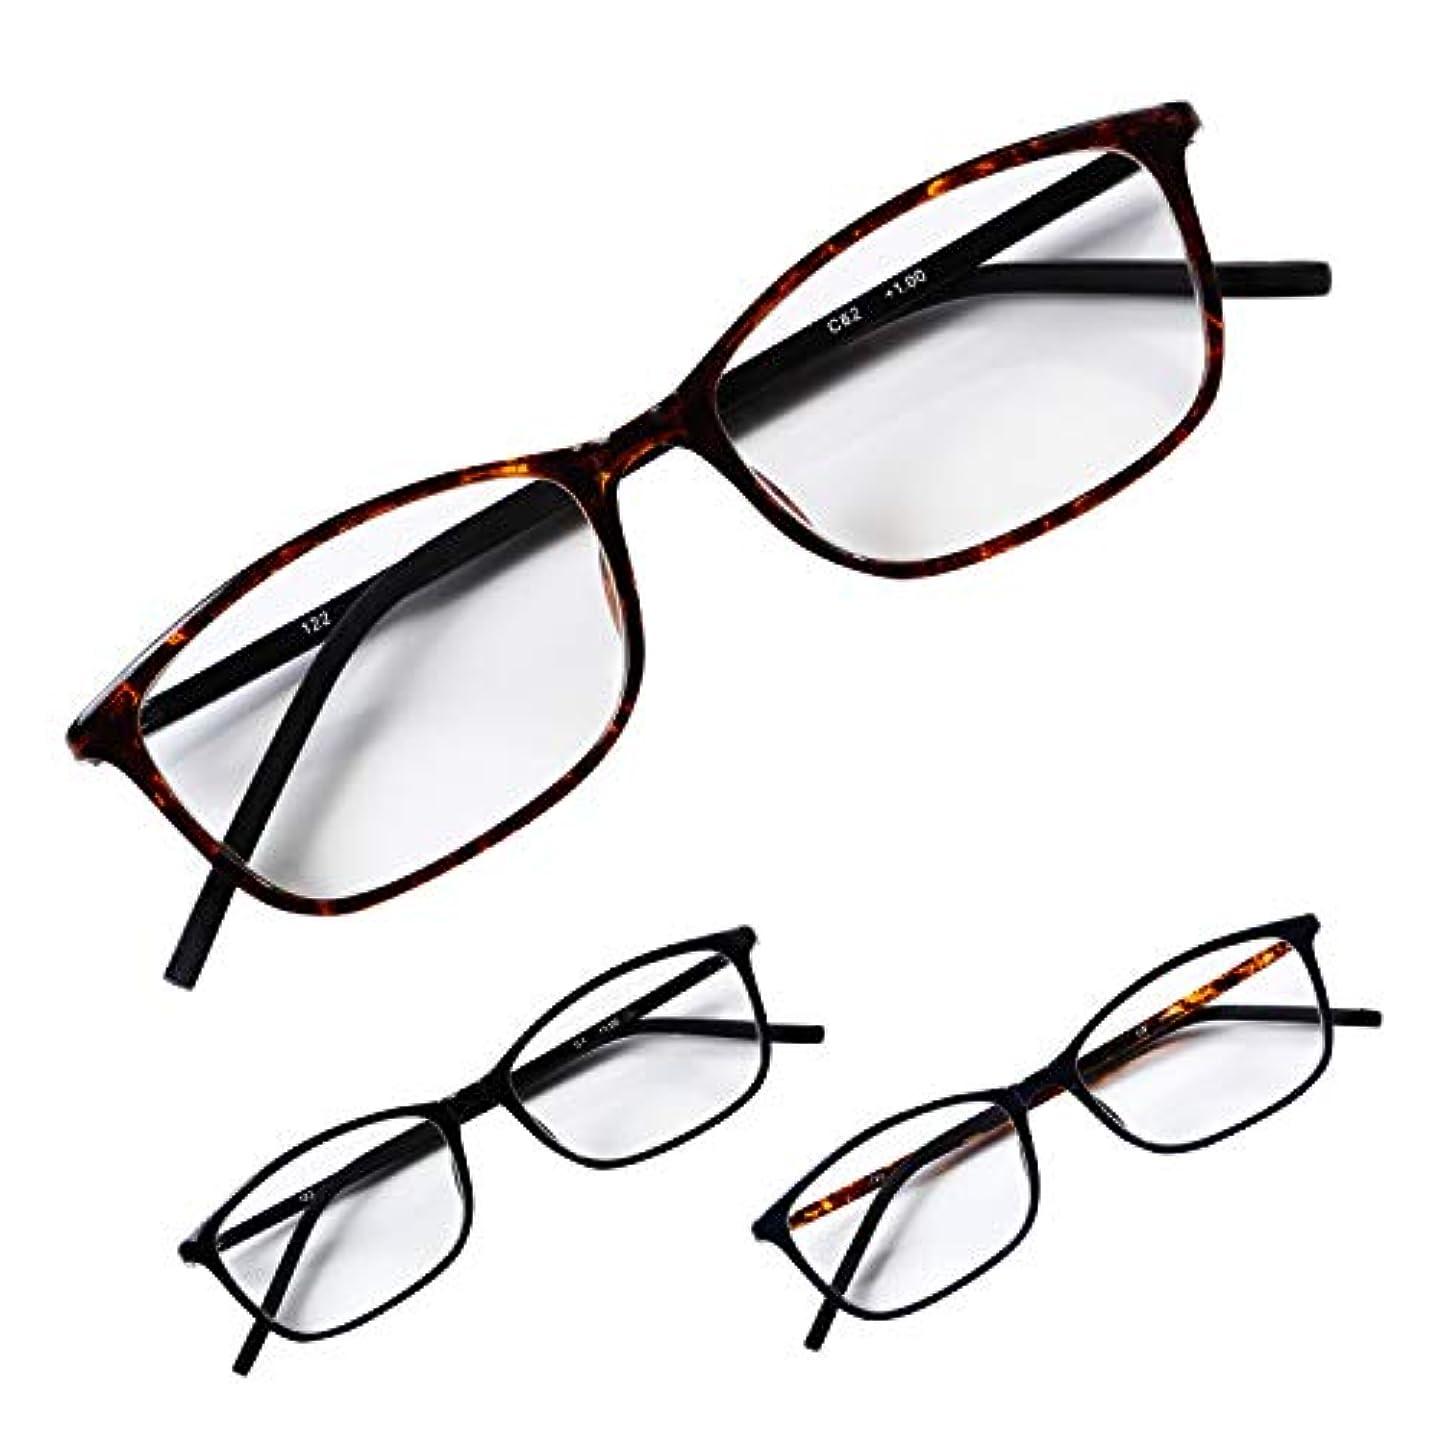 妖精貫入土地老眼鏡に見えないおしゃれなシニアグラス 誠実な印象のスクエア デミブラウン +1.0 PrePiar